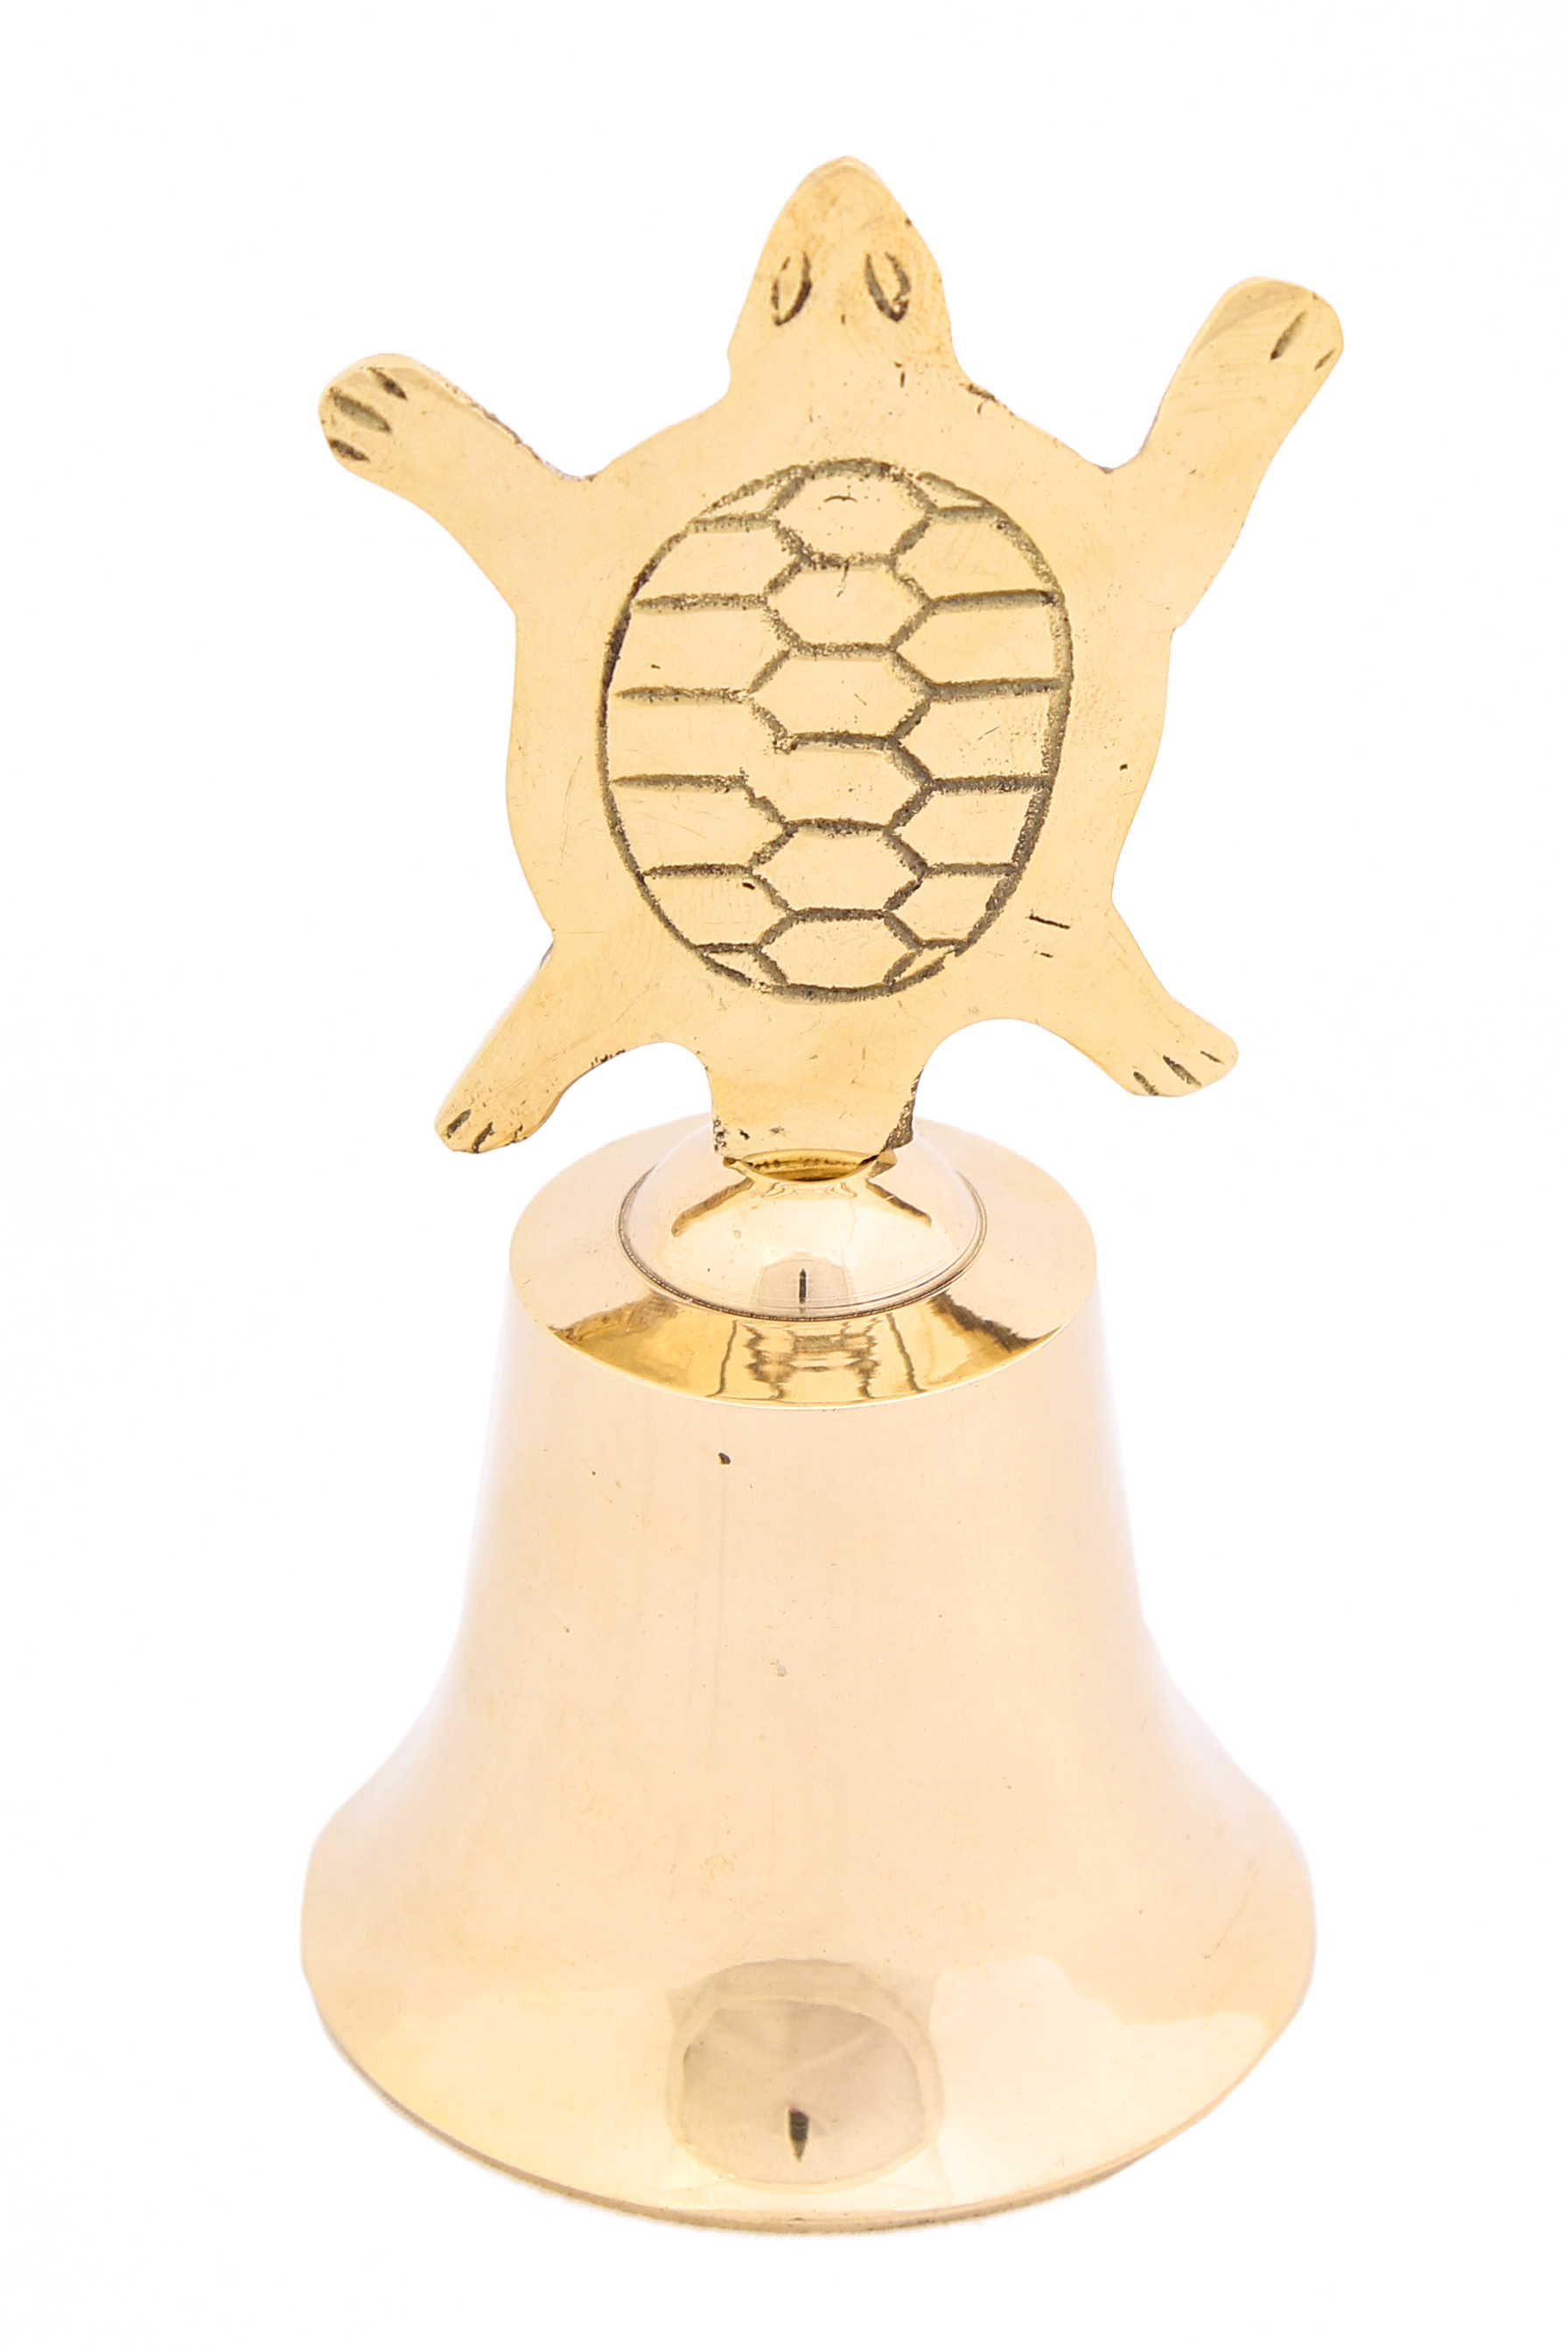 {} Ганг Колокольчик Черепашка (6х11 см) миниатюра колокольчик цвет серебристый 6 см